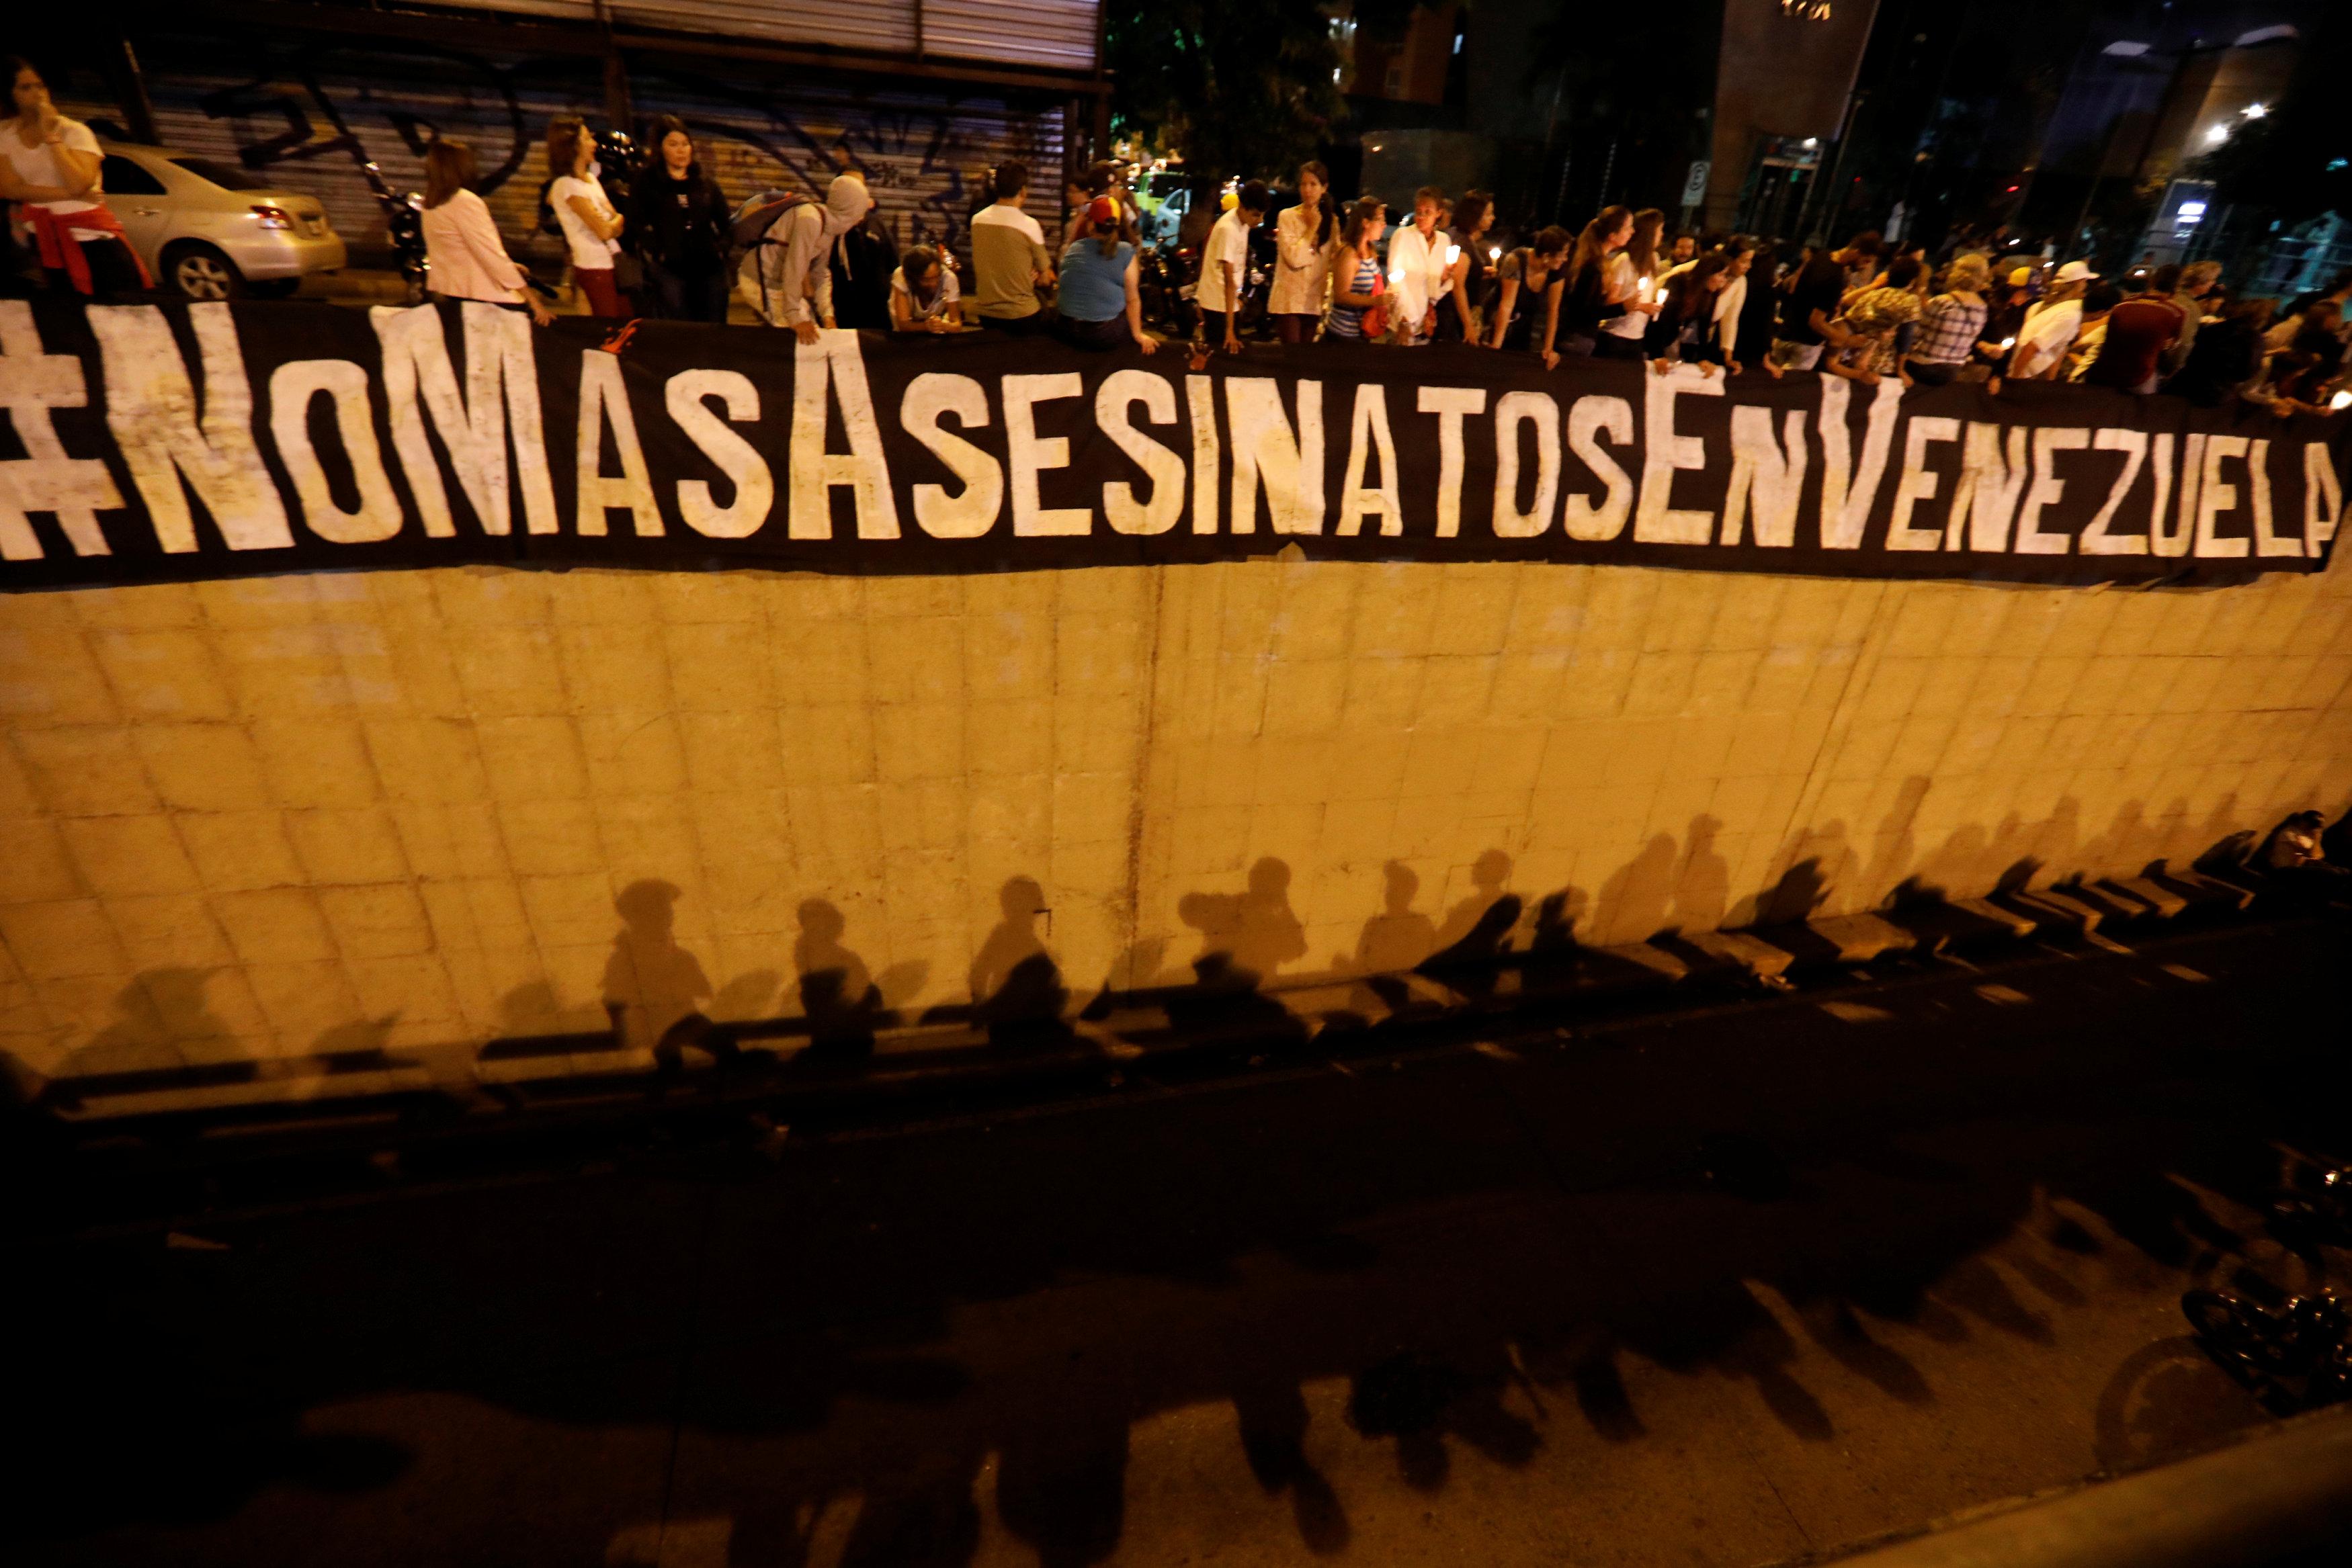 Una de las consignas principales que clama el pueblo venezolano es que no haya más asesinatos. (REUTERS)